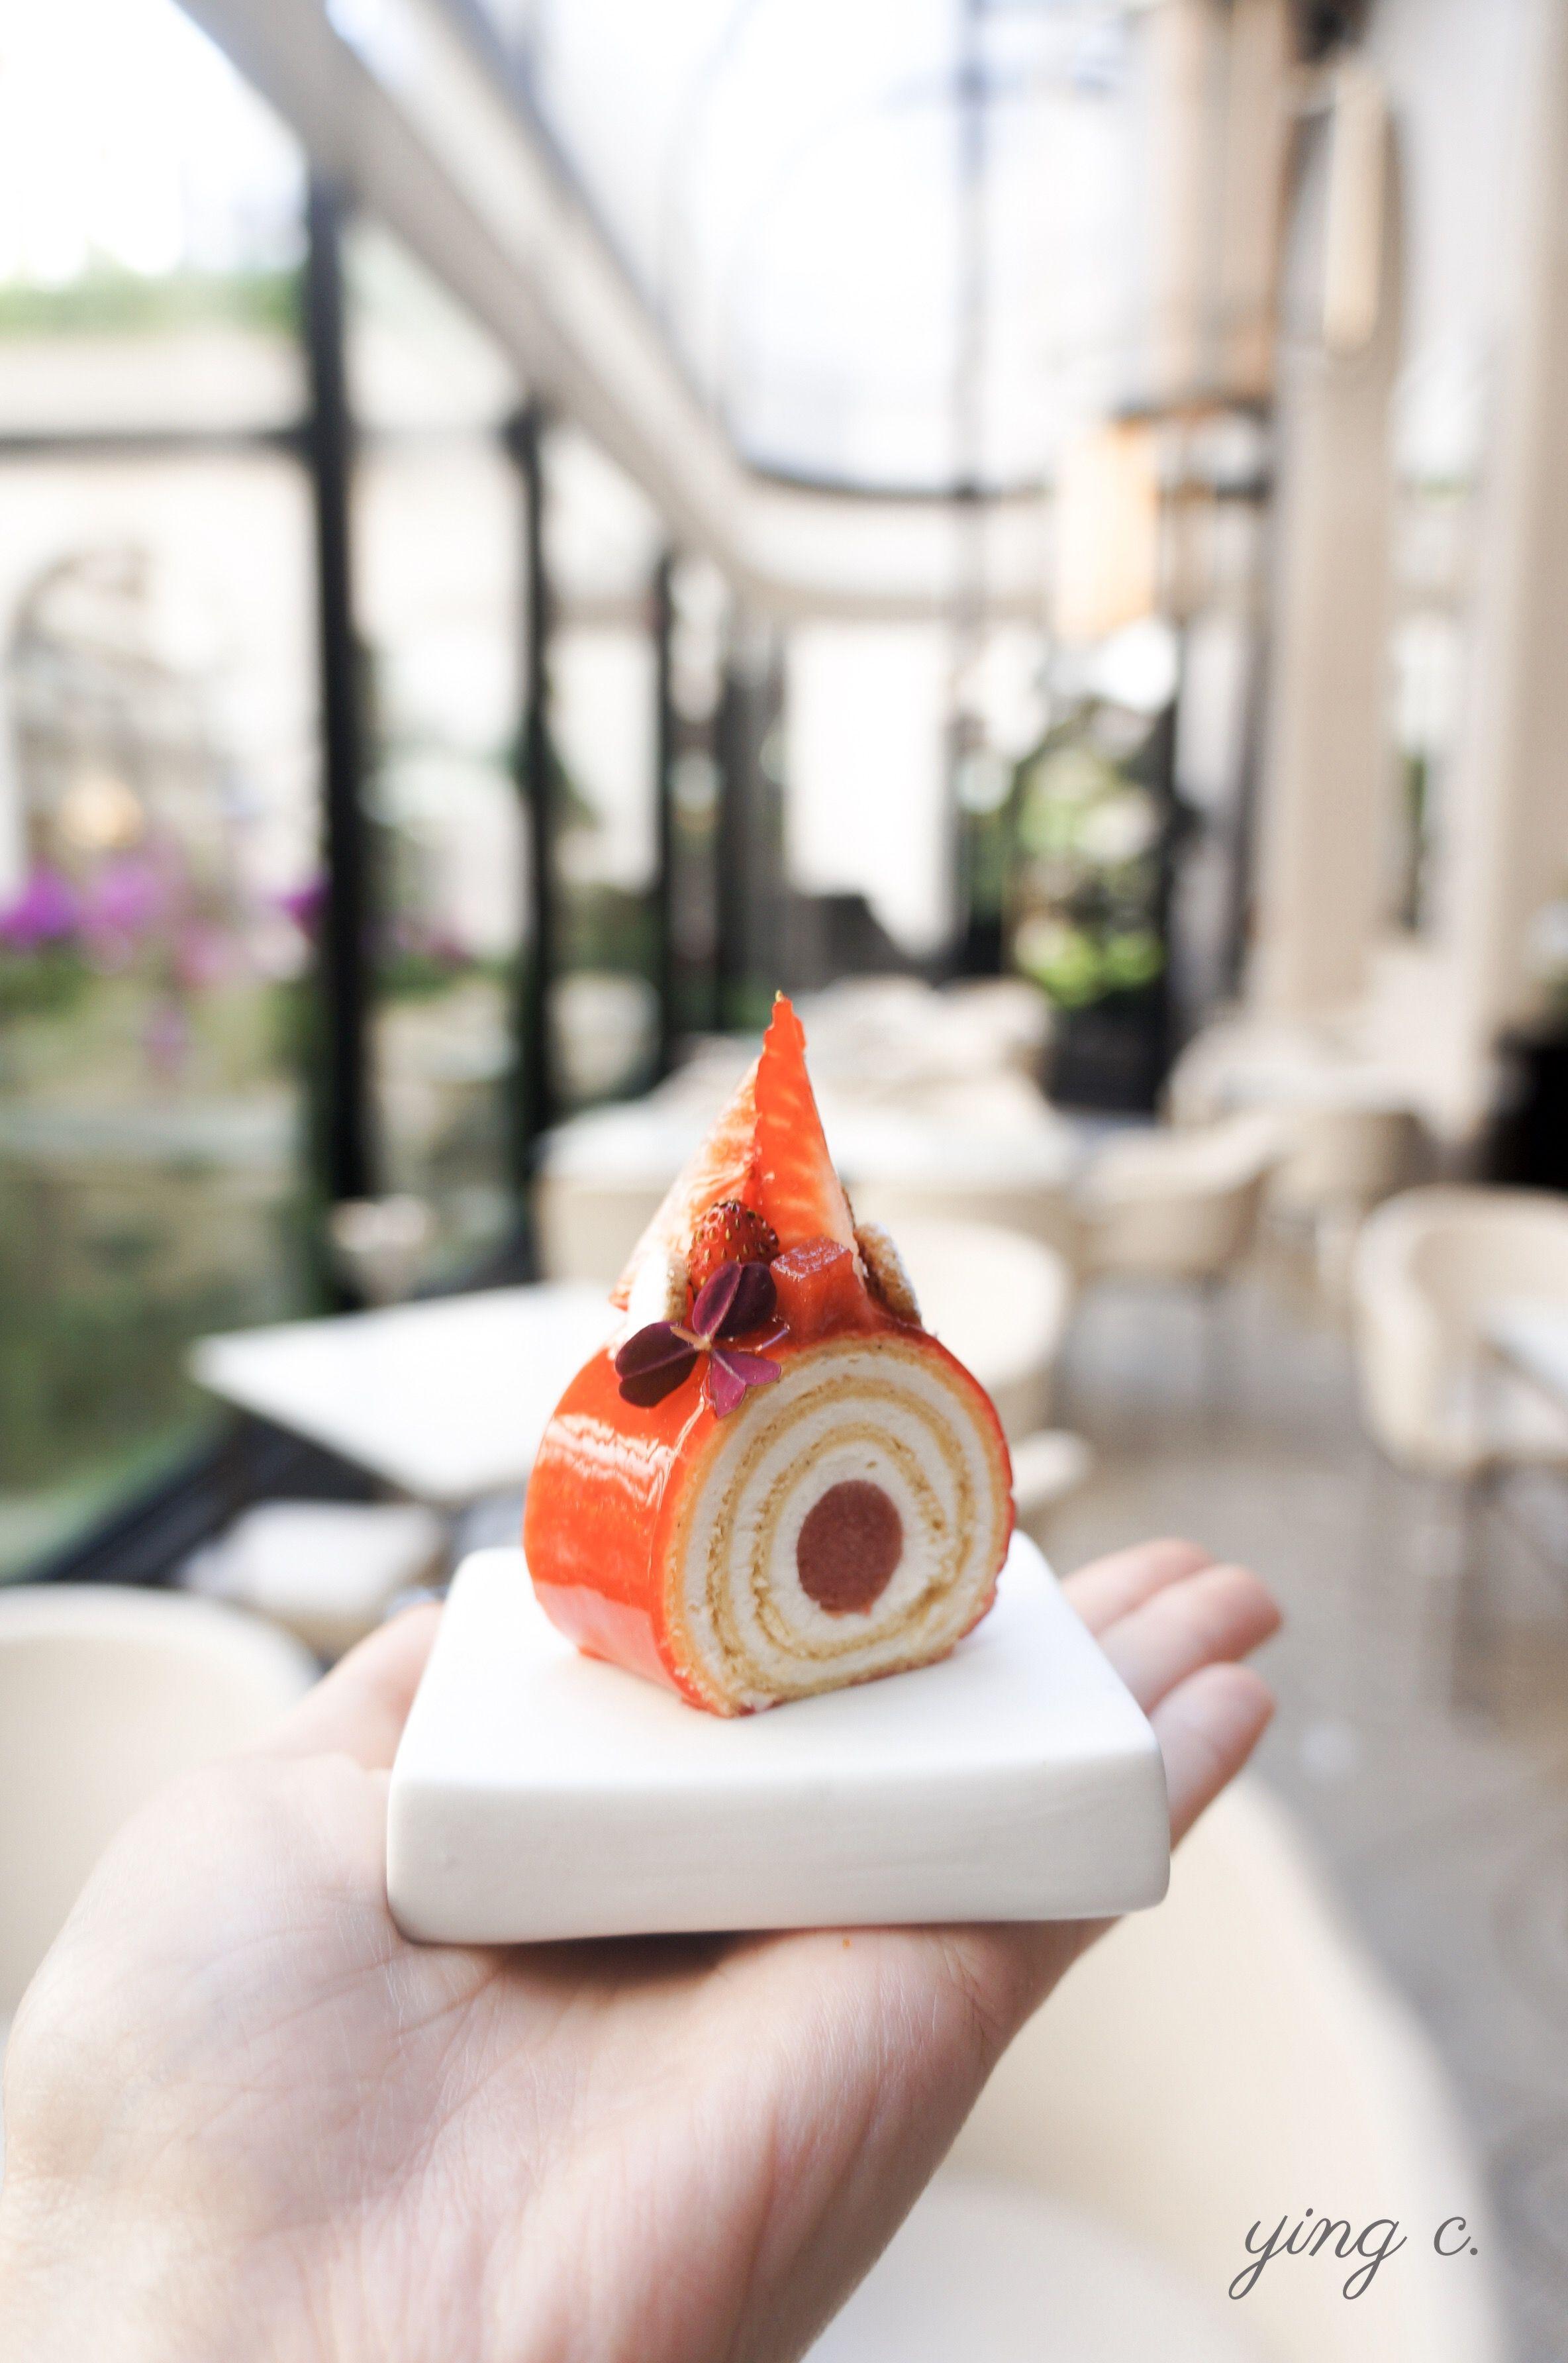 用蛋糕捲方式重新詮釋法式經典草莓蛋糕「fraisier」,小巧精緻的外型讓人忍不住驚呼「kawaii」。